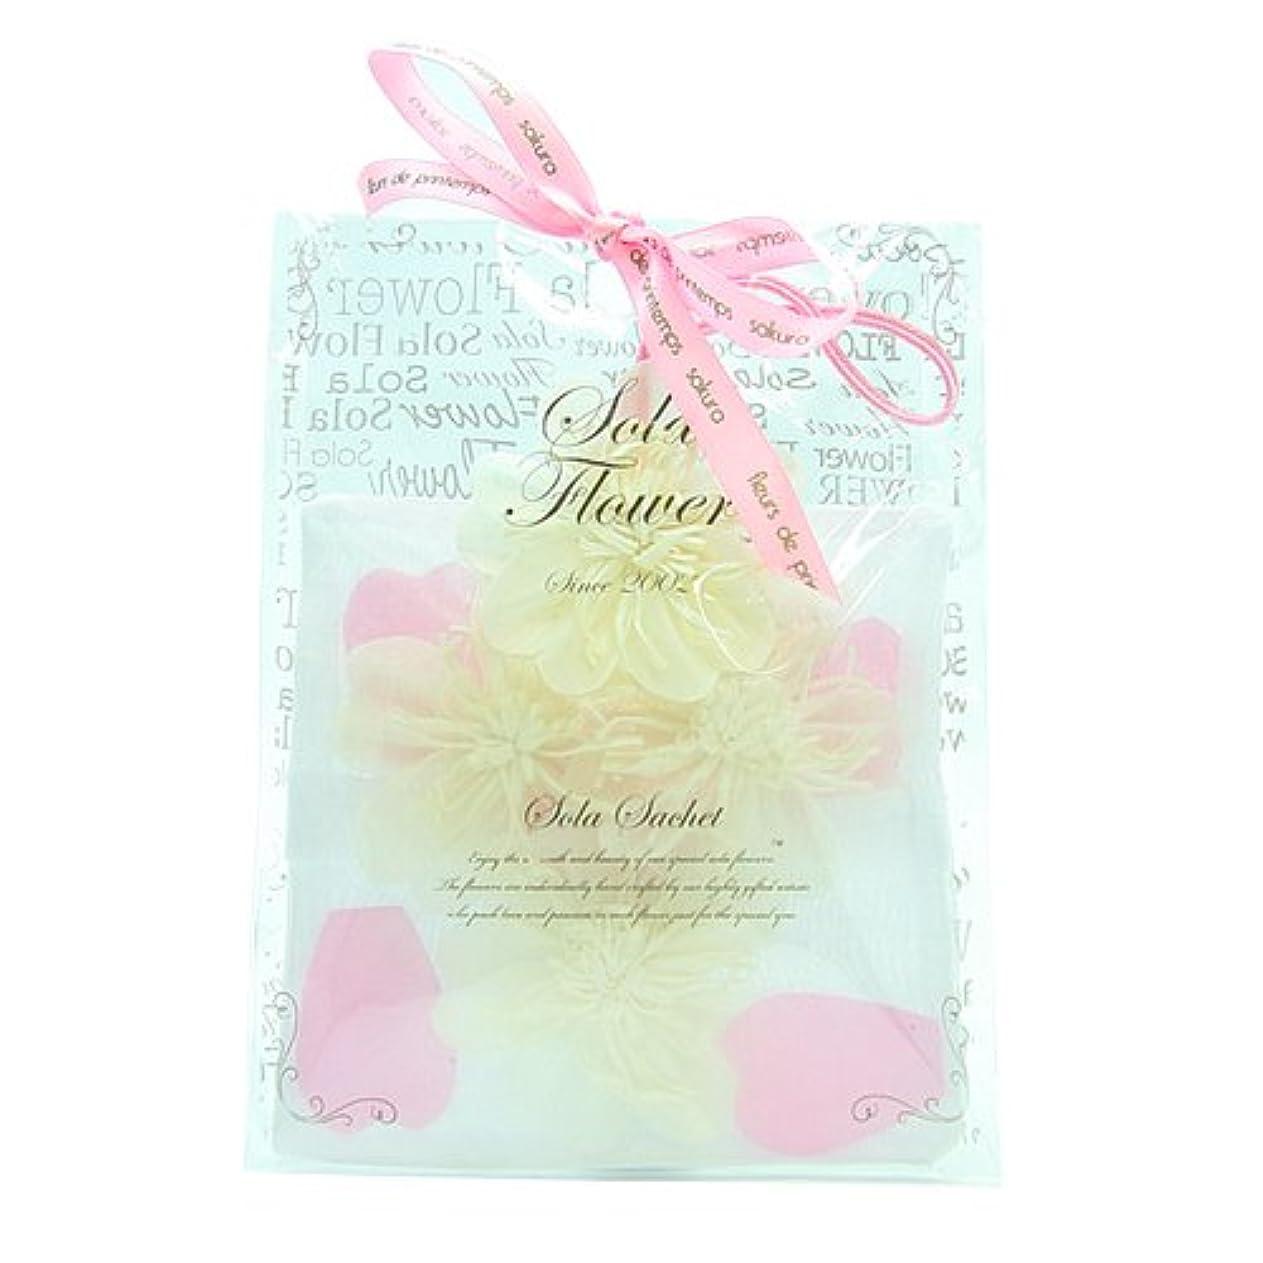 ユーモラス注釈を付ける固有のfleurs de printemps Sola Flower ソラフラワー サシェ 桜 サクラ SOMEIYOSHINO ソメイヨシノ